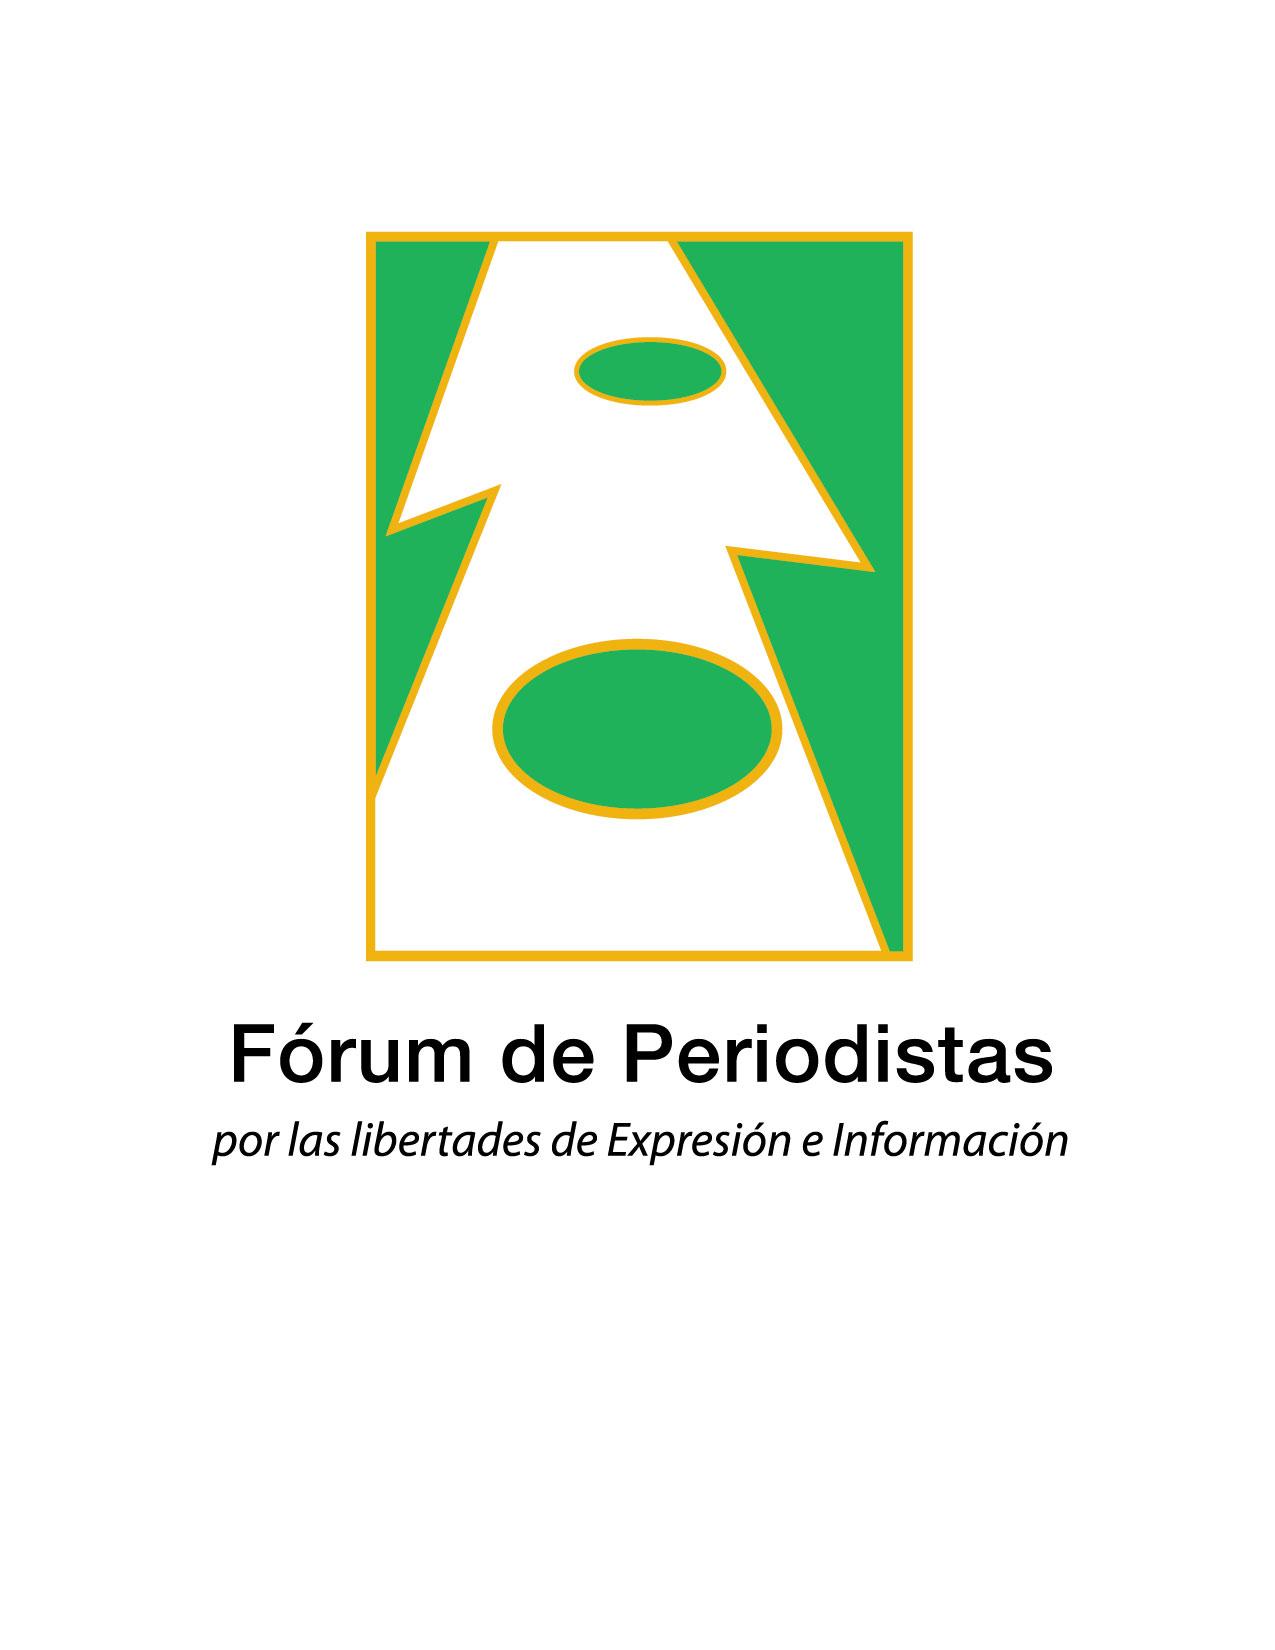 logoforumdeperiodistas-01